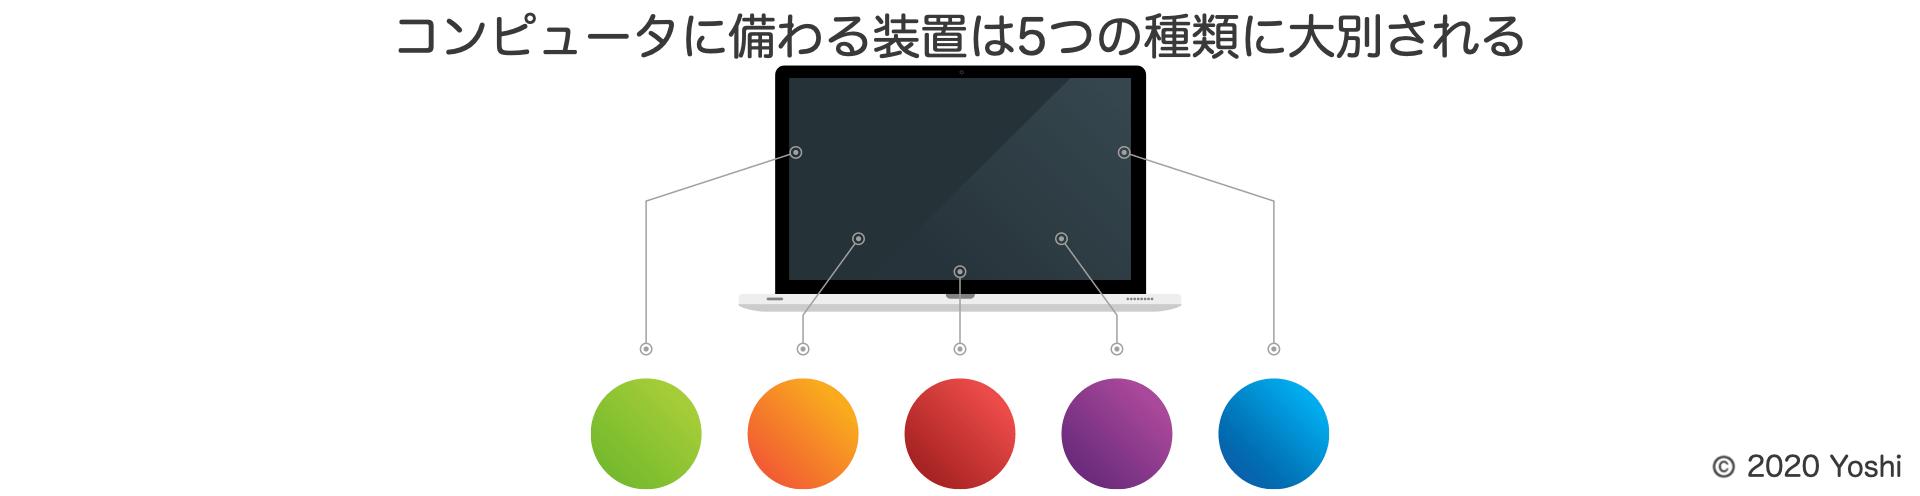 コンピュータの装置は5つの種類に大別される